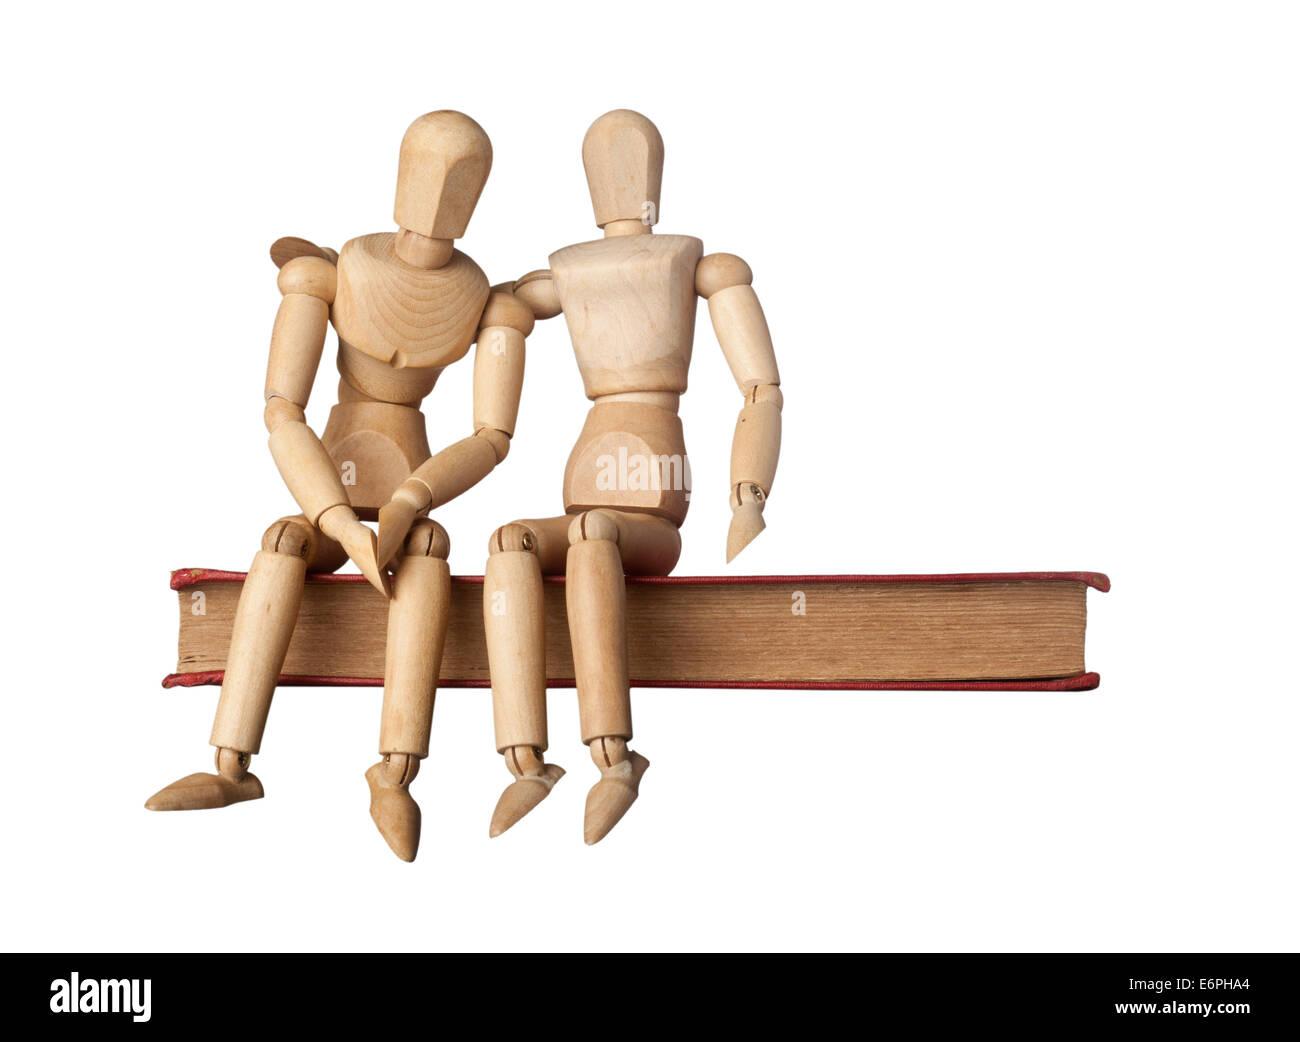 Consolation d'un(e) ami(e) représenté par deux figurines sur un livre isolé sur fond blanc Photo Stock